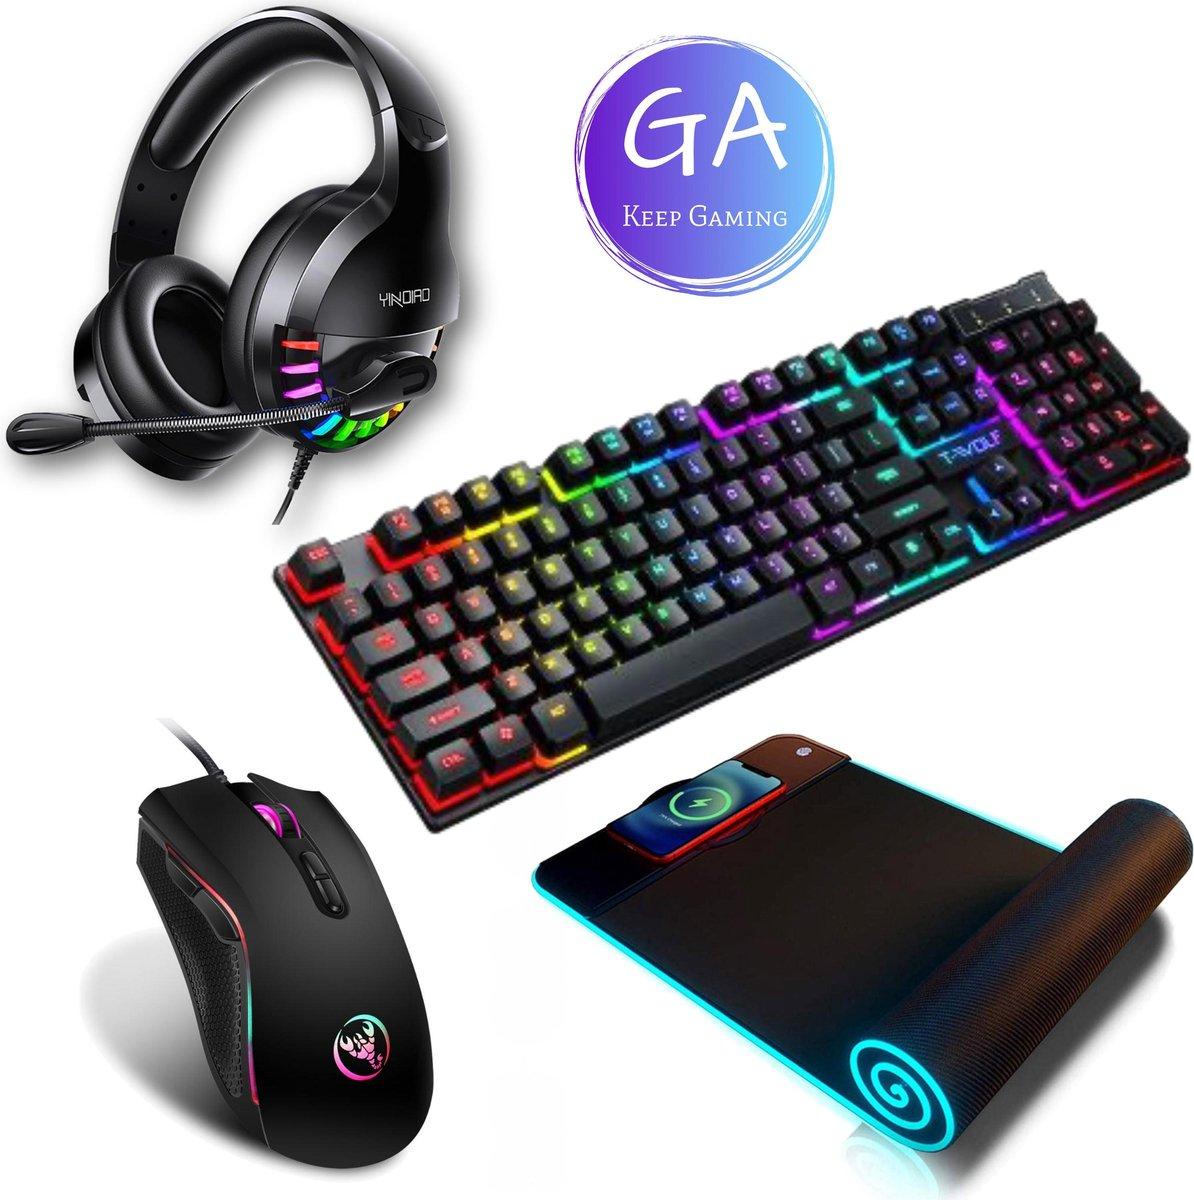 GA Gaming Accesoires Headset, Toetsenbord, Muis & Muismat XXL - Gaming Headset - Game Muis - Gaming